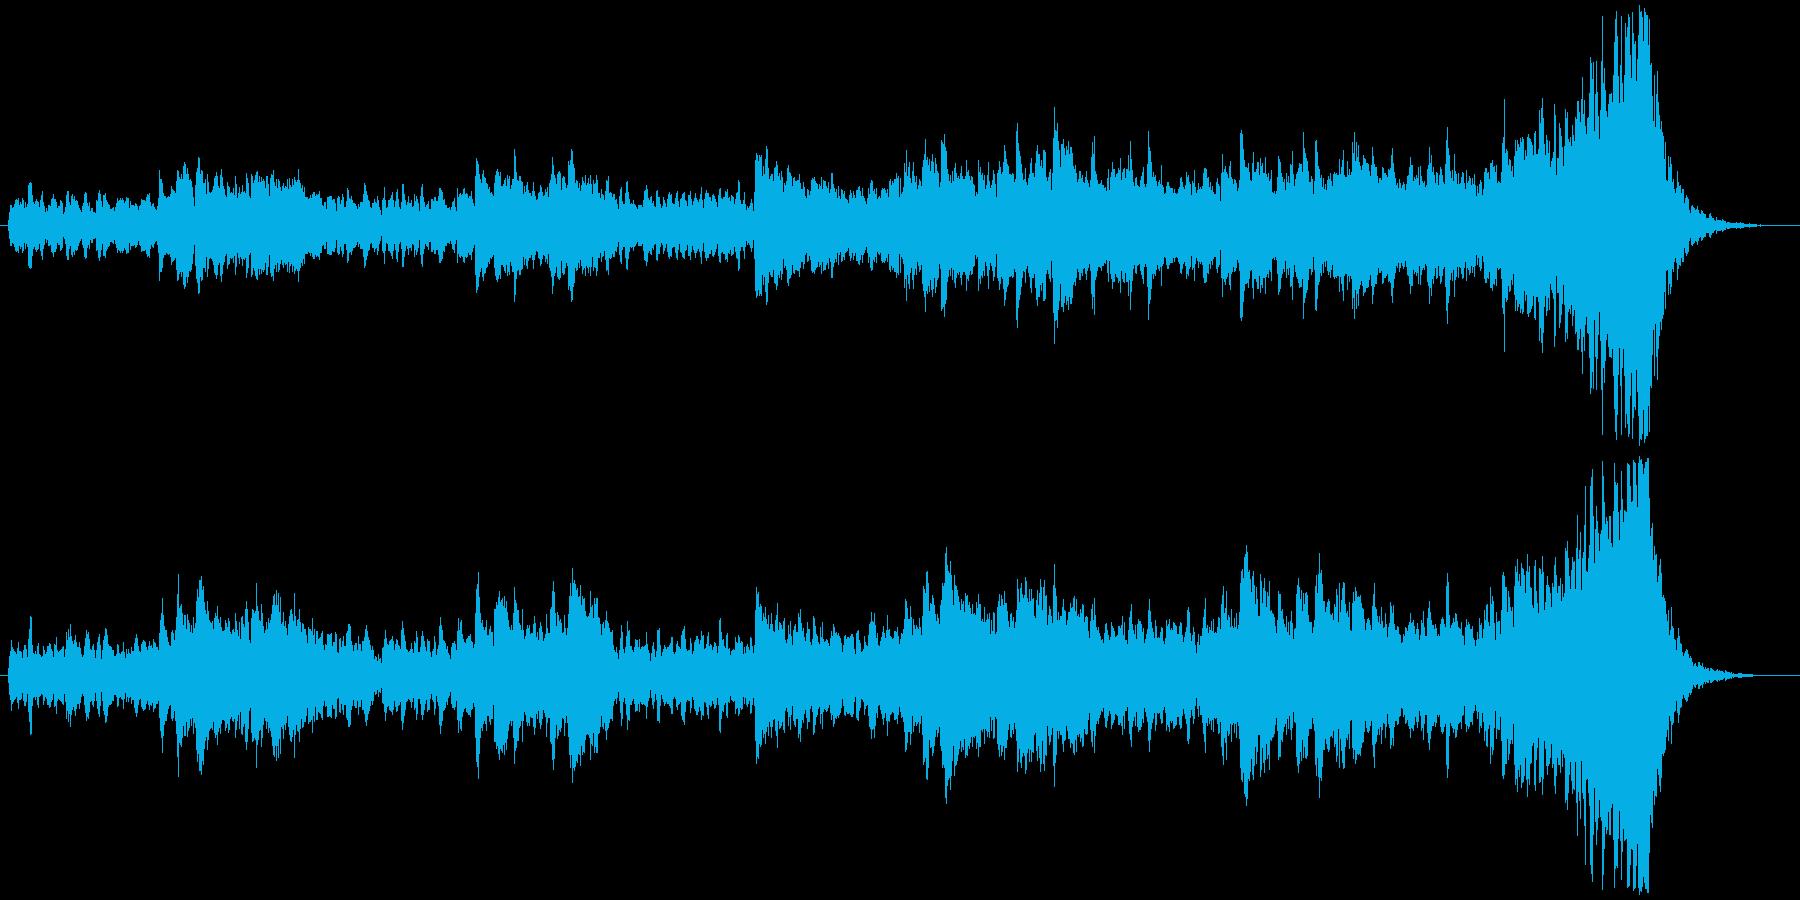 静かで緊張感のあるオーケストラ系のBGMの再生済みの波形